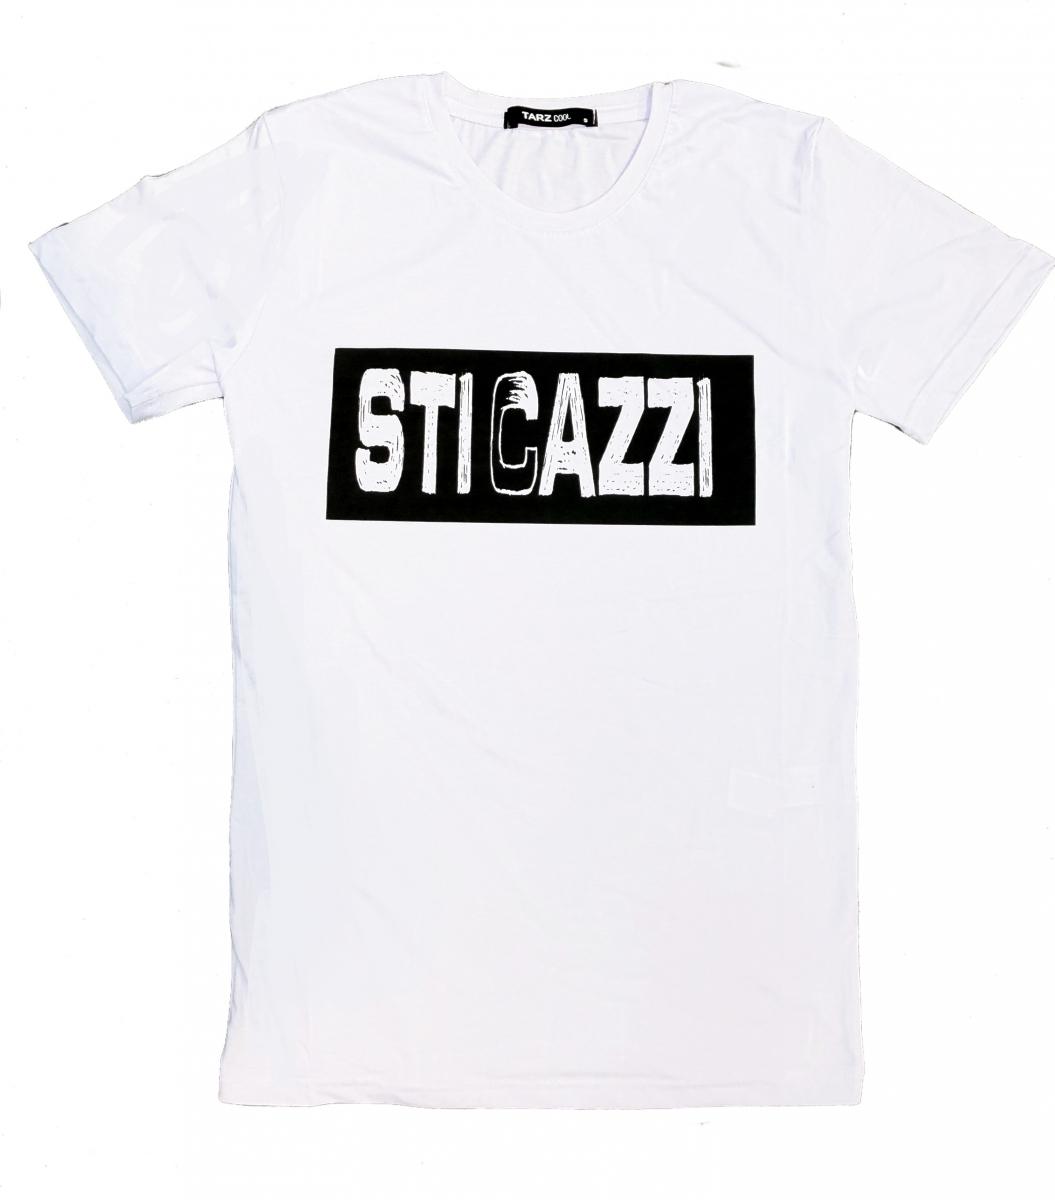 info for 5c716 1424c T shirt uomo - Maglietta bianca con Scritta divertente - T shirt sti cazzi